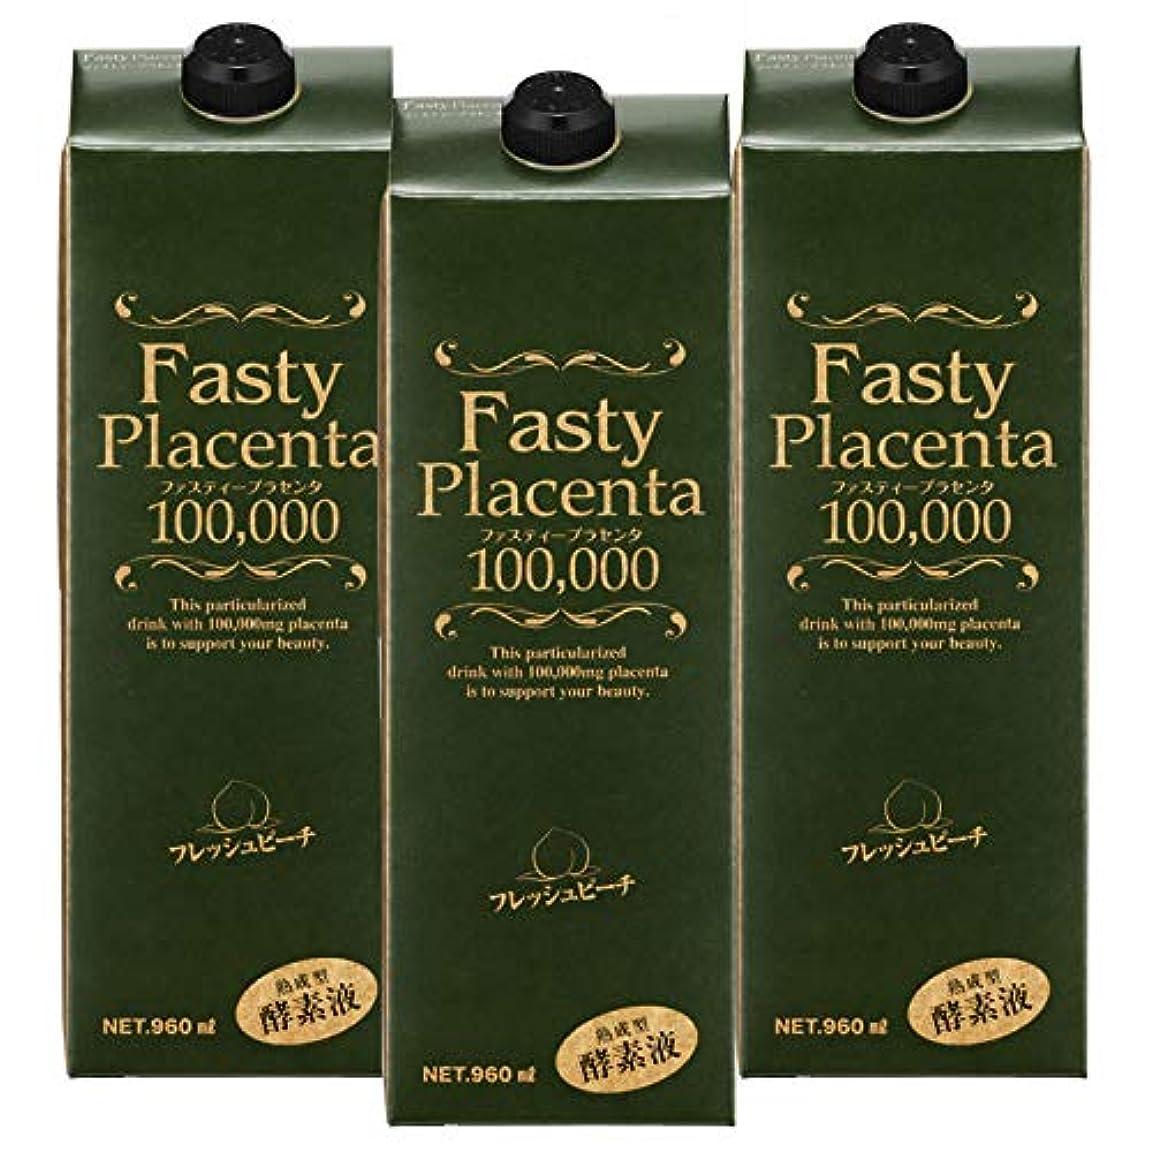 番号ジャンプ地震ファスティープラセンタ100,000 増量パック(フレッシュピーチ味) 3本